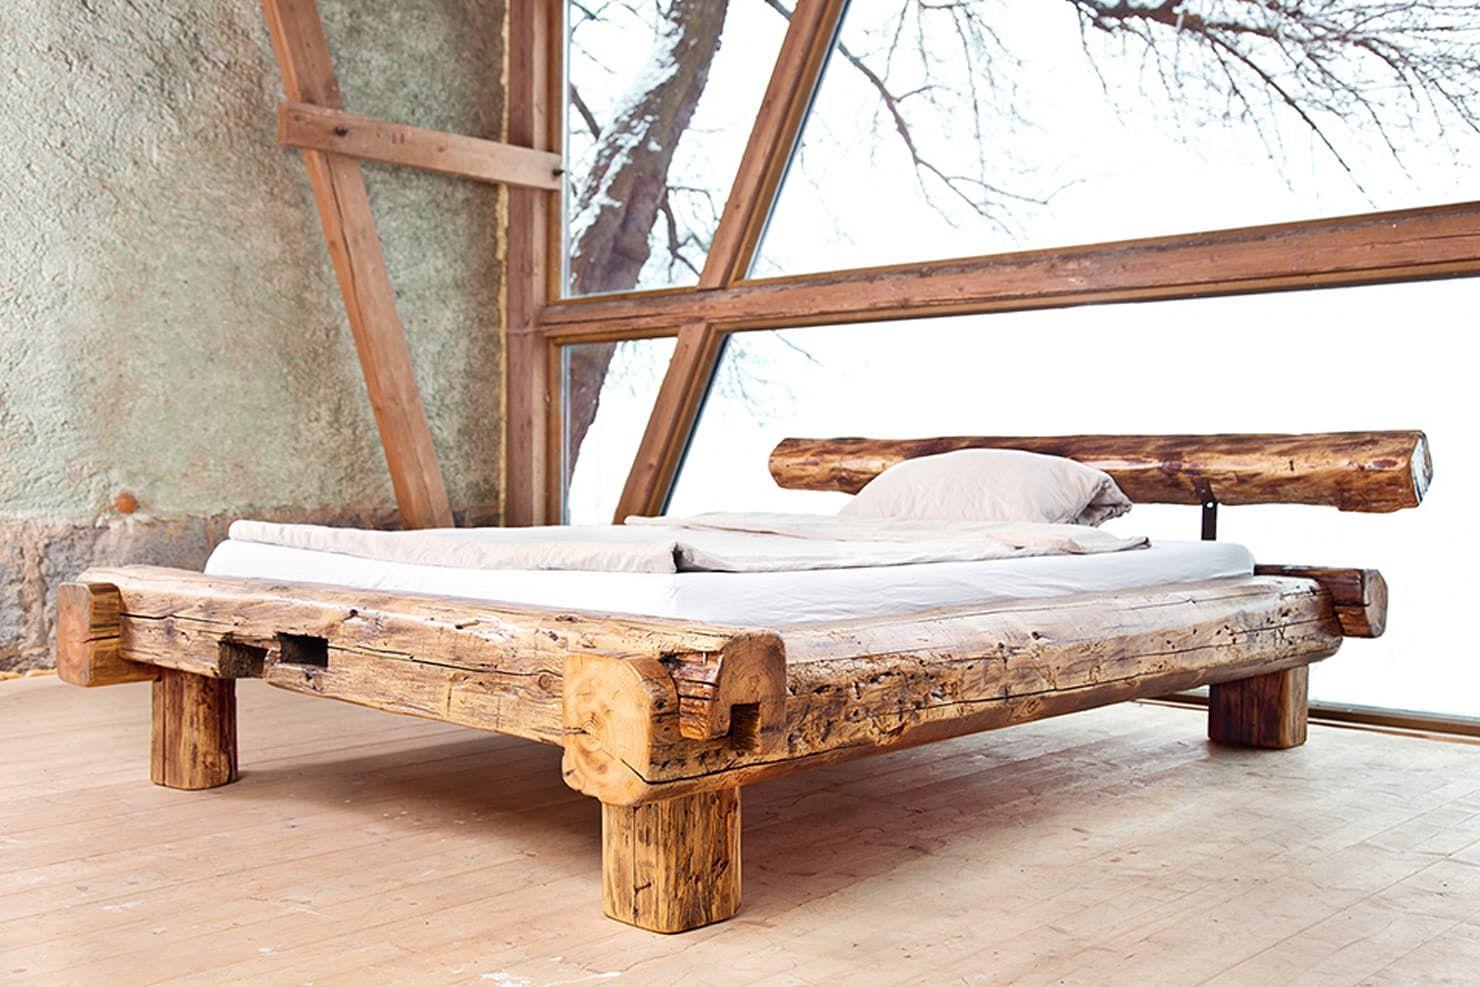 Holz Beizen Diese Arten Und Effekte Gibt Es Rustikales Bett